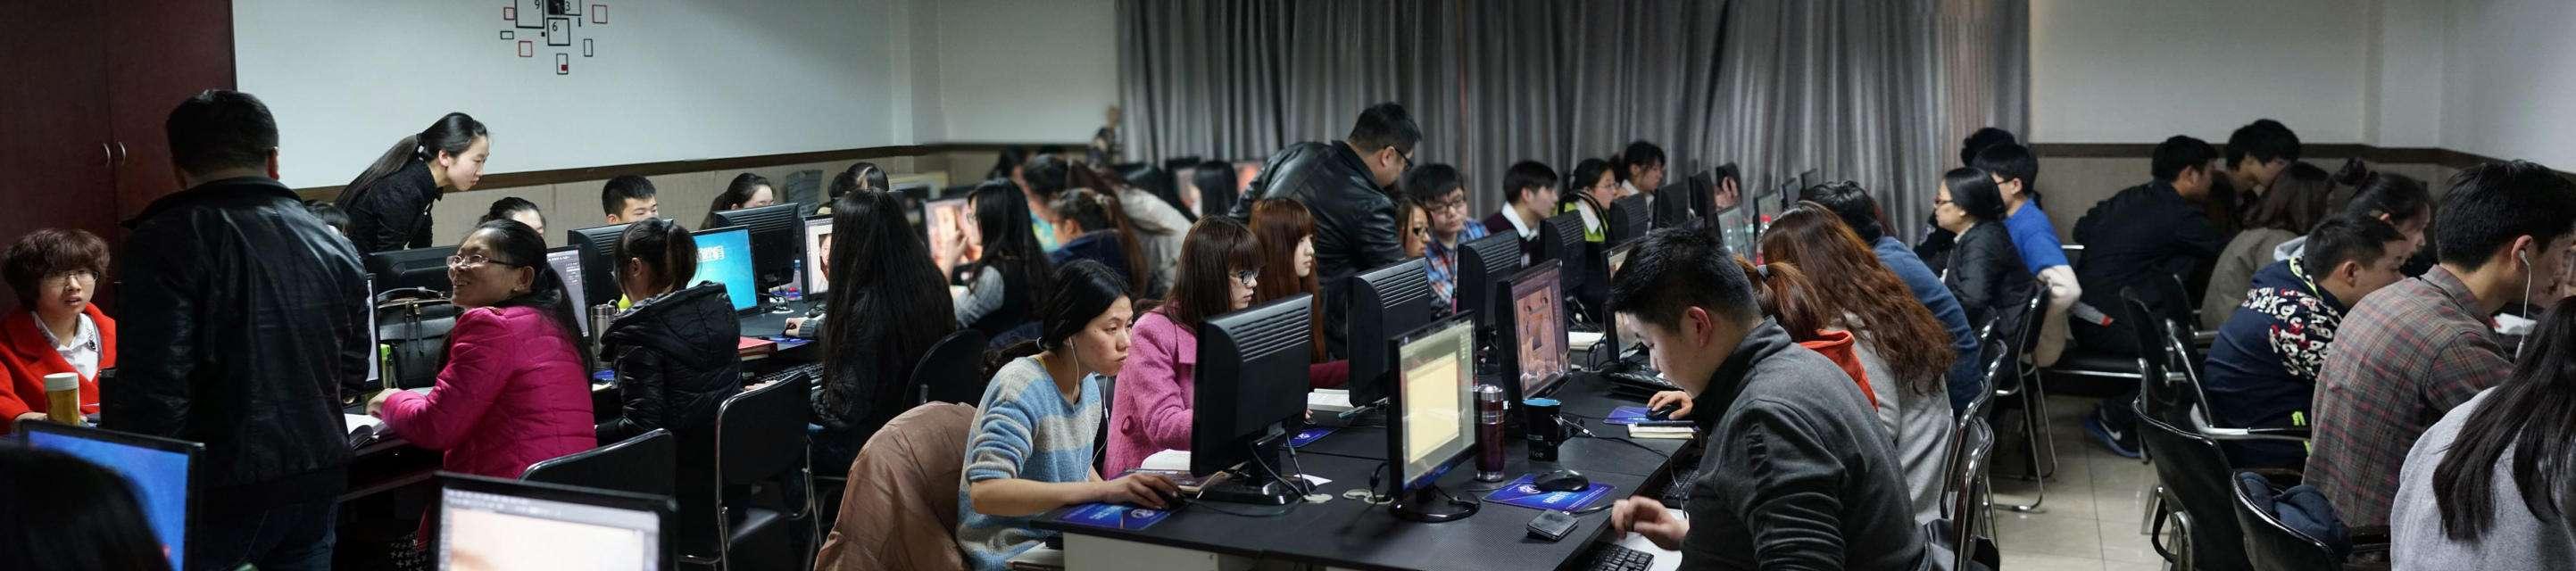 保定计算机教育培训中心 上机课堂